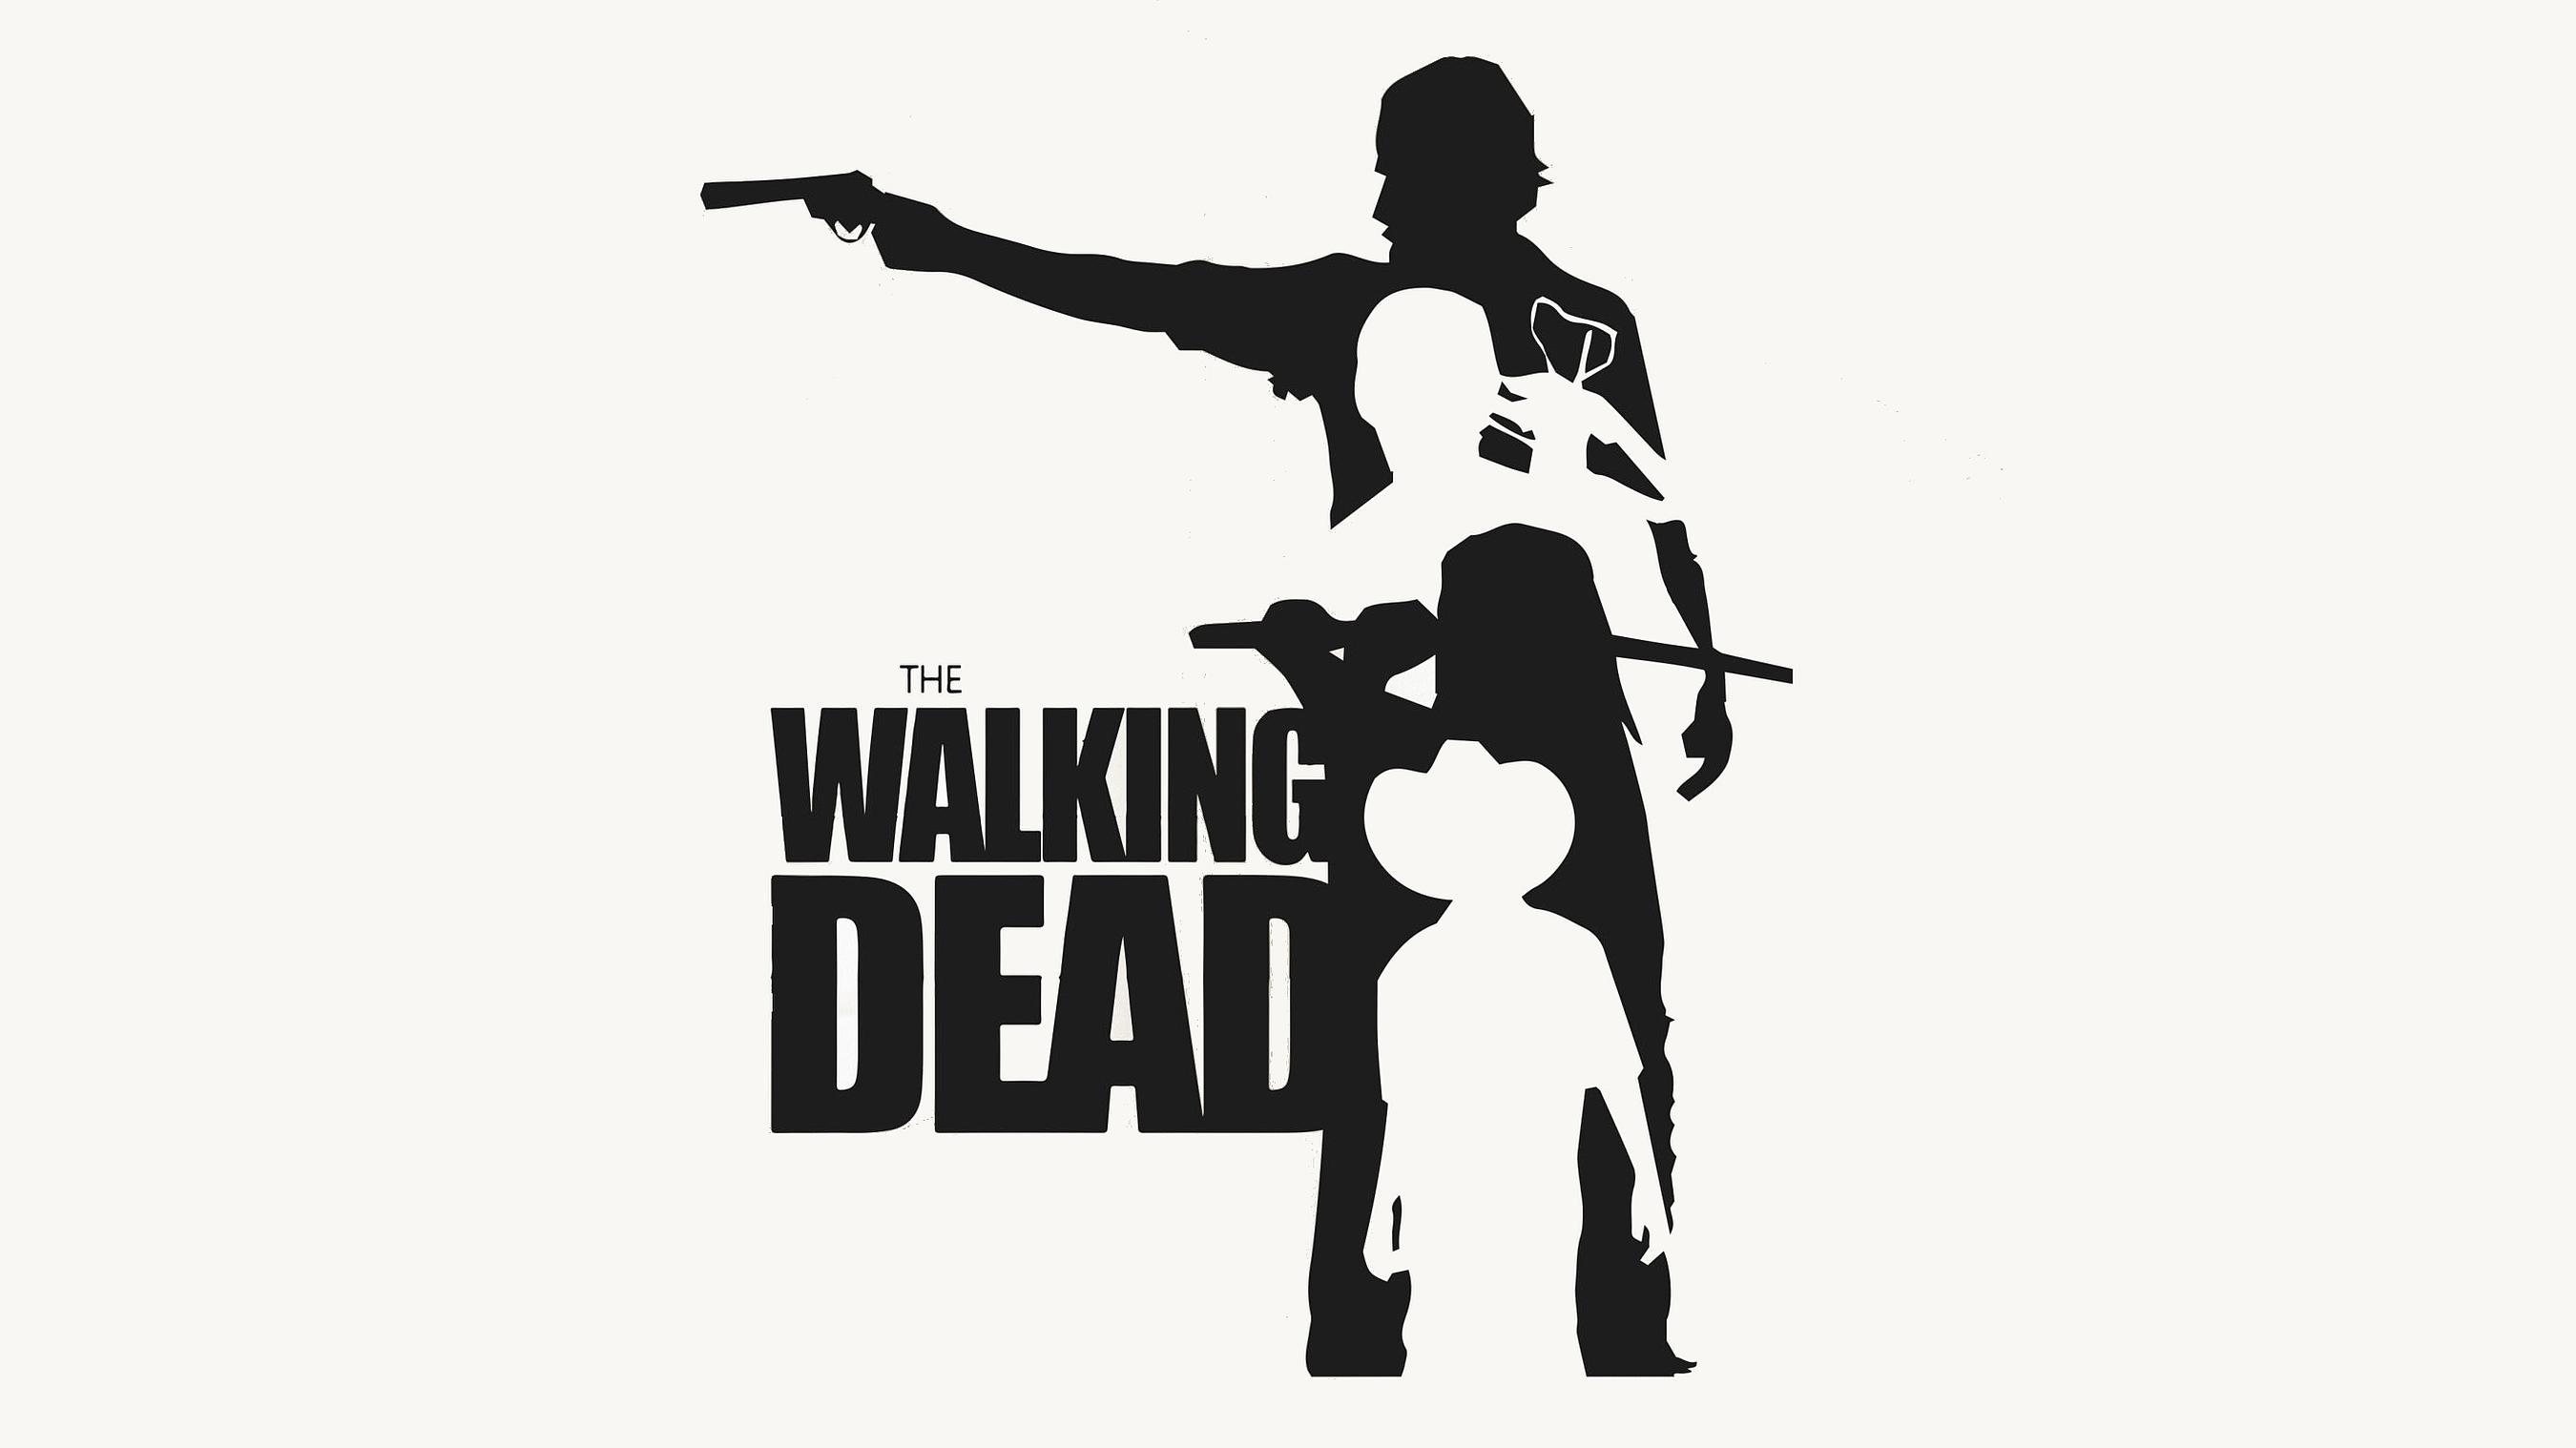 El Fondo De Pantalla Walking Dead Fondos De Pantalla Gratis: The Walking Dead Computer Wallpapers, Desktop Backgrounds